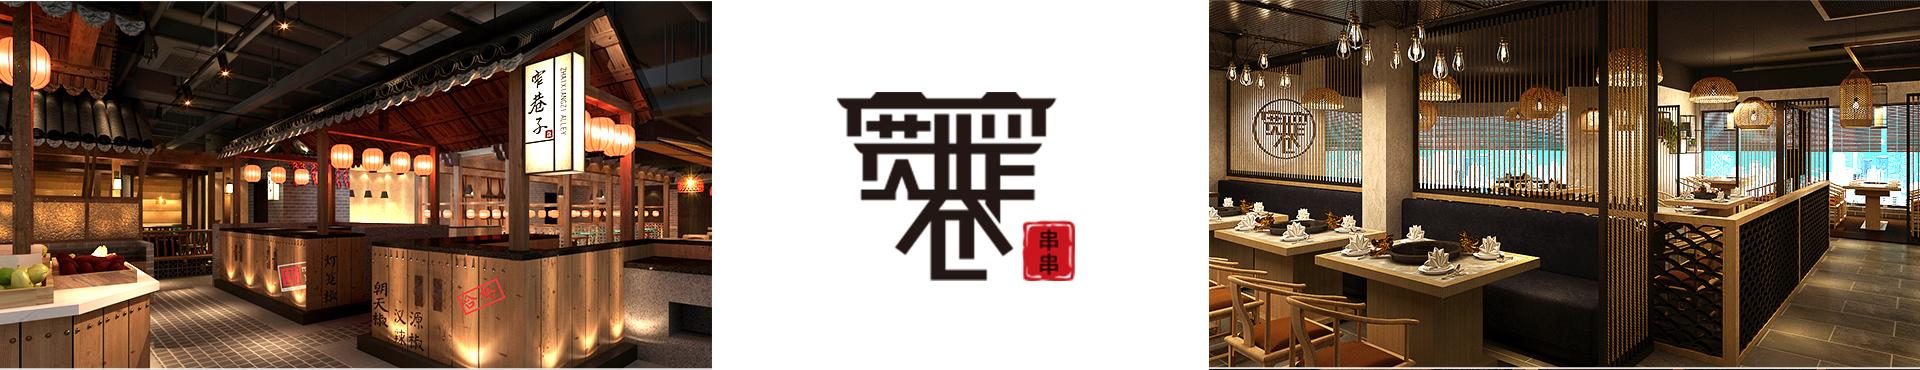 宽窄巷子火锅kzxz_39